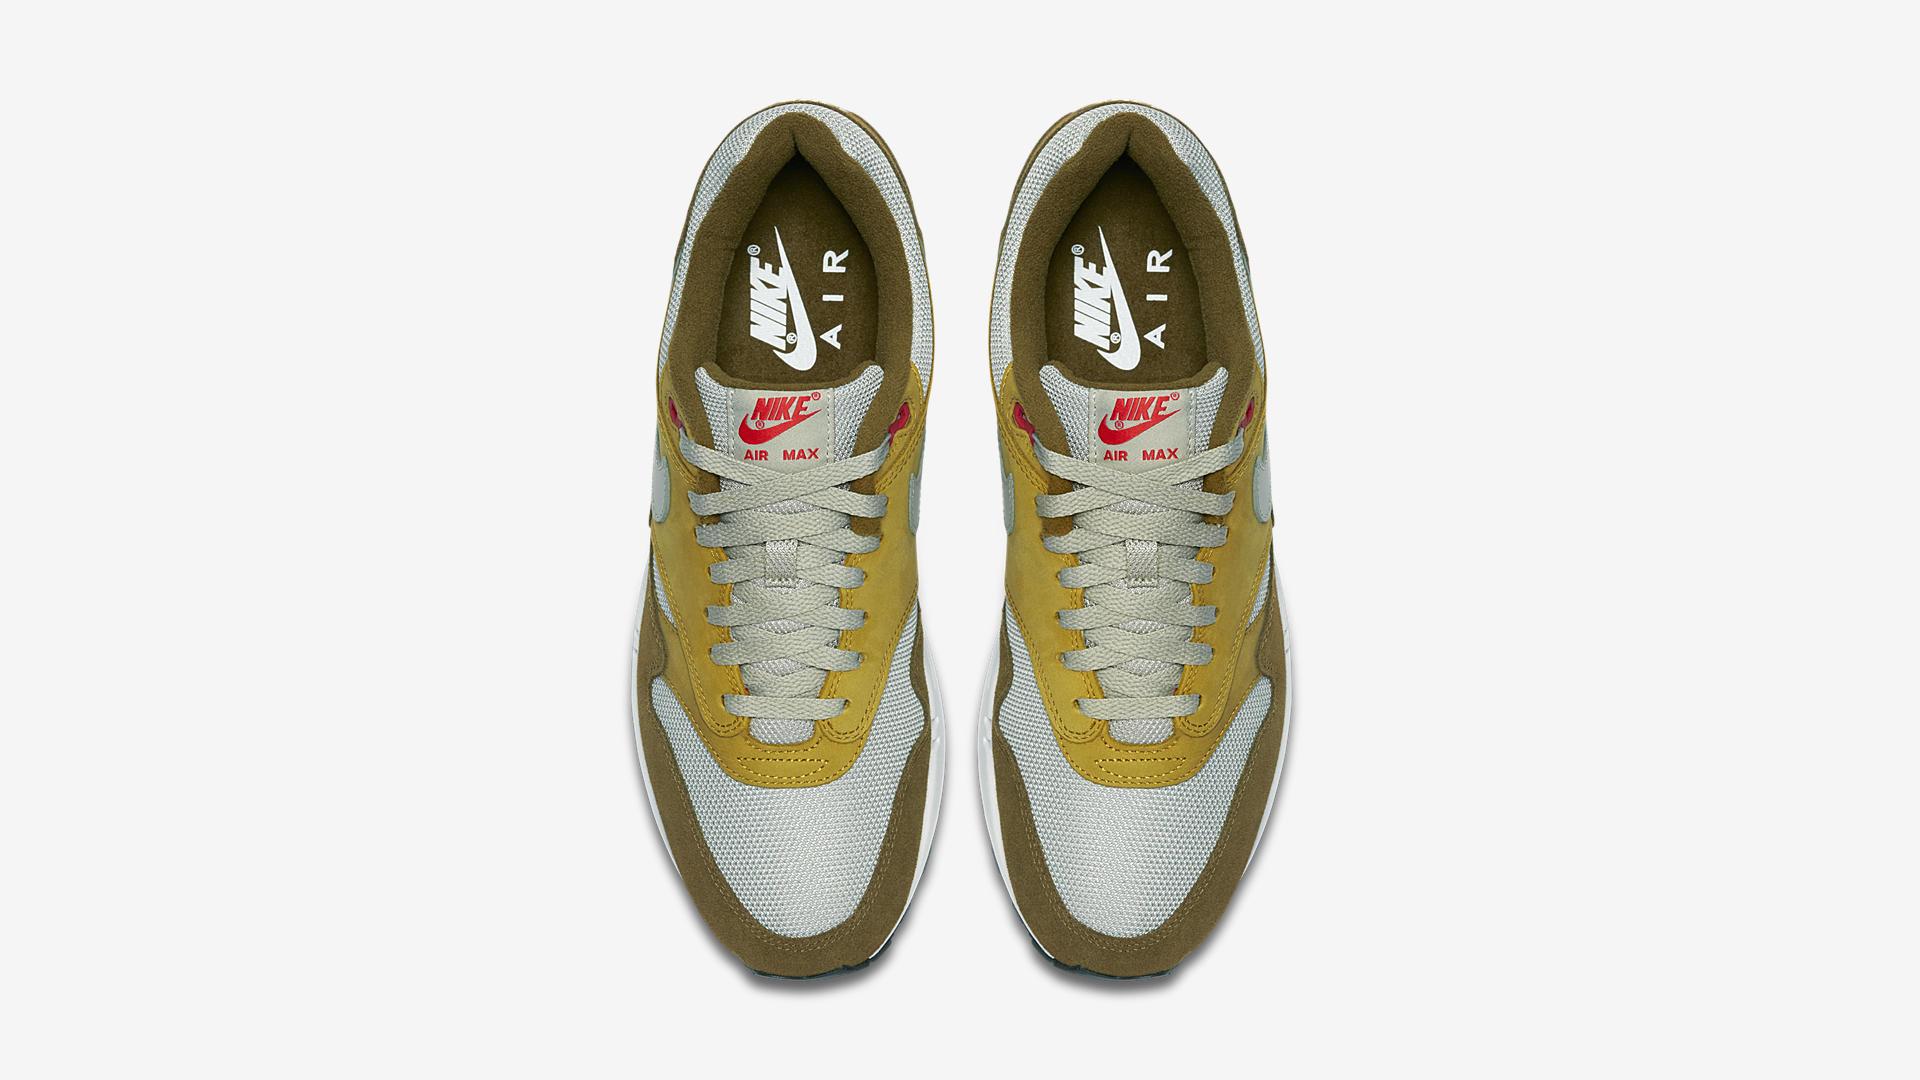 908366 300 Nike Air Max 1 Green Curry 2